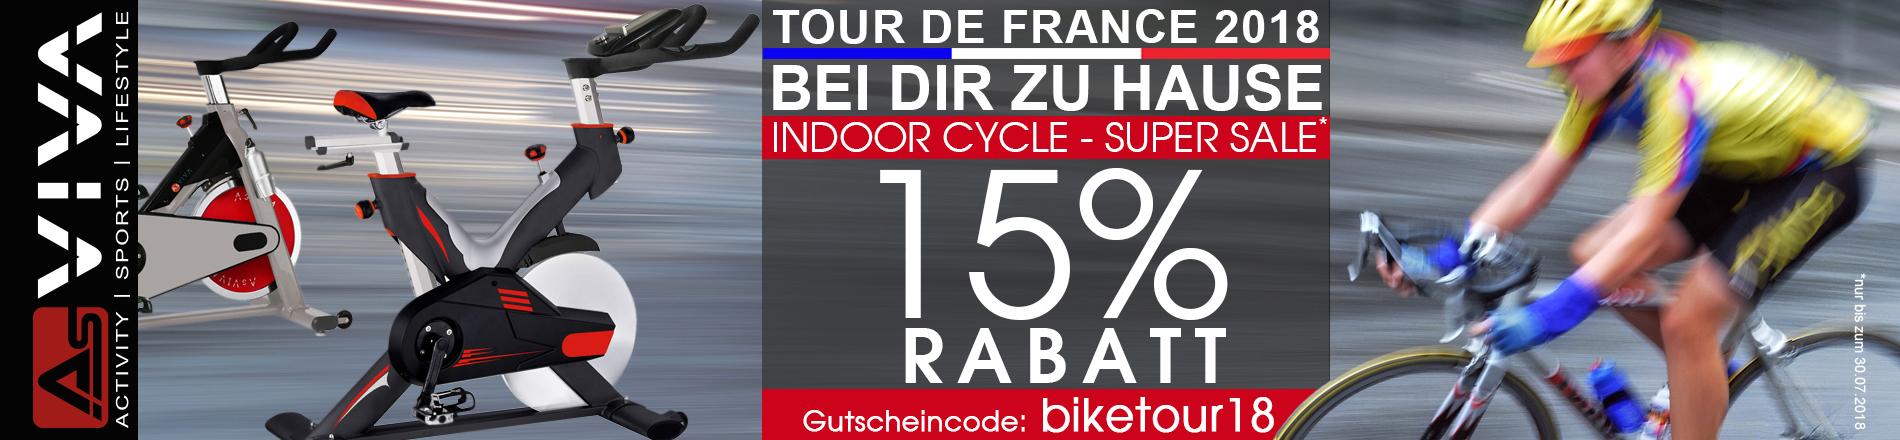 Tour de France 15% Rabatt-Gutschein auf Indoor Bikes bei AsVIVA